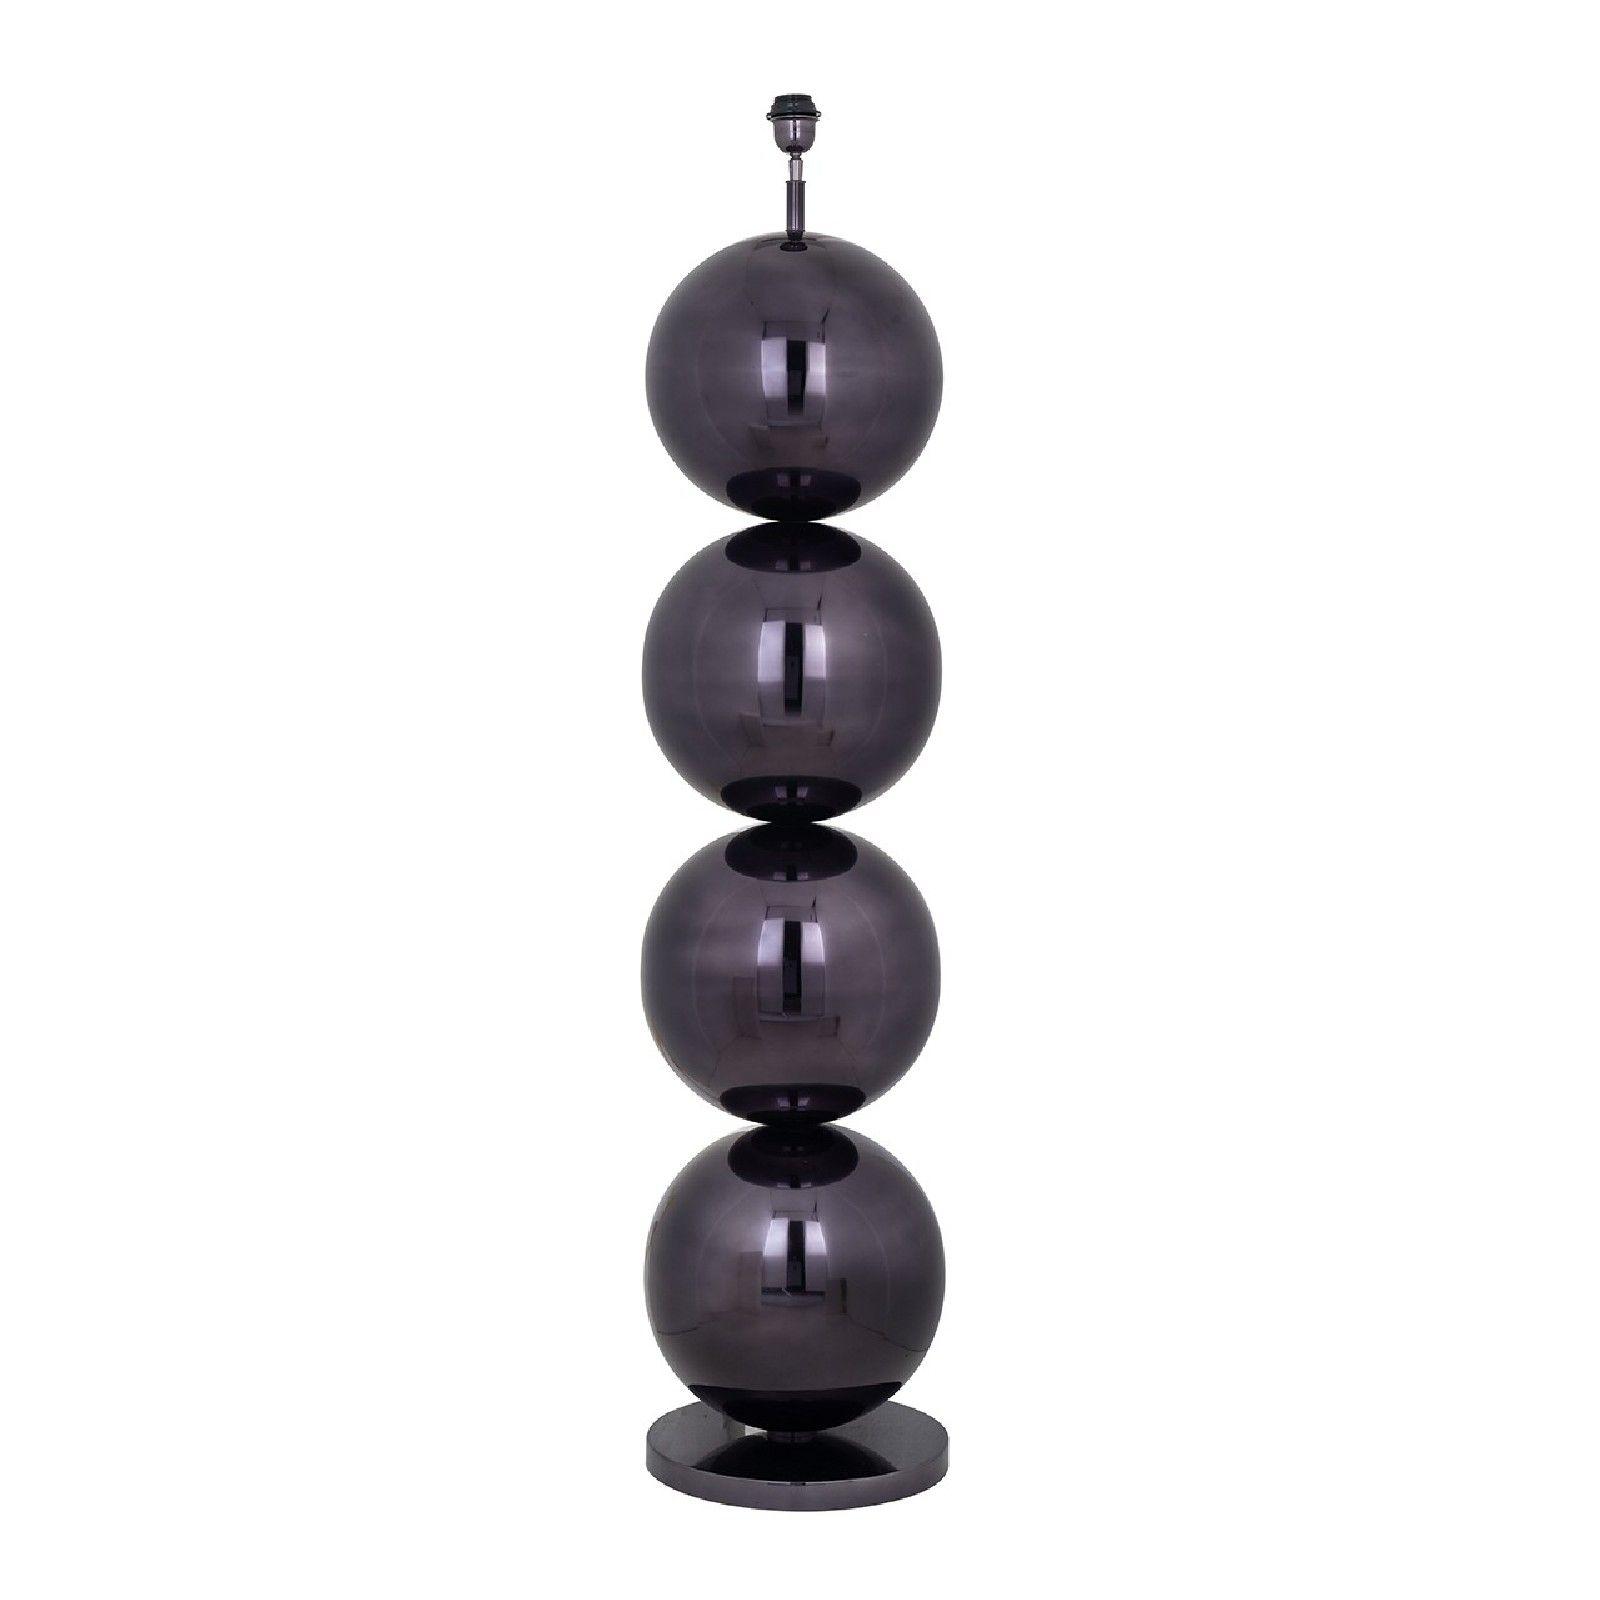 Lampdaire Adney black nickelE27 / 60 watt Lampadaires - 15